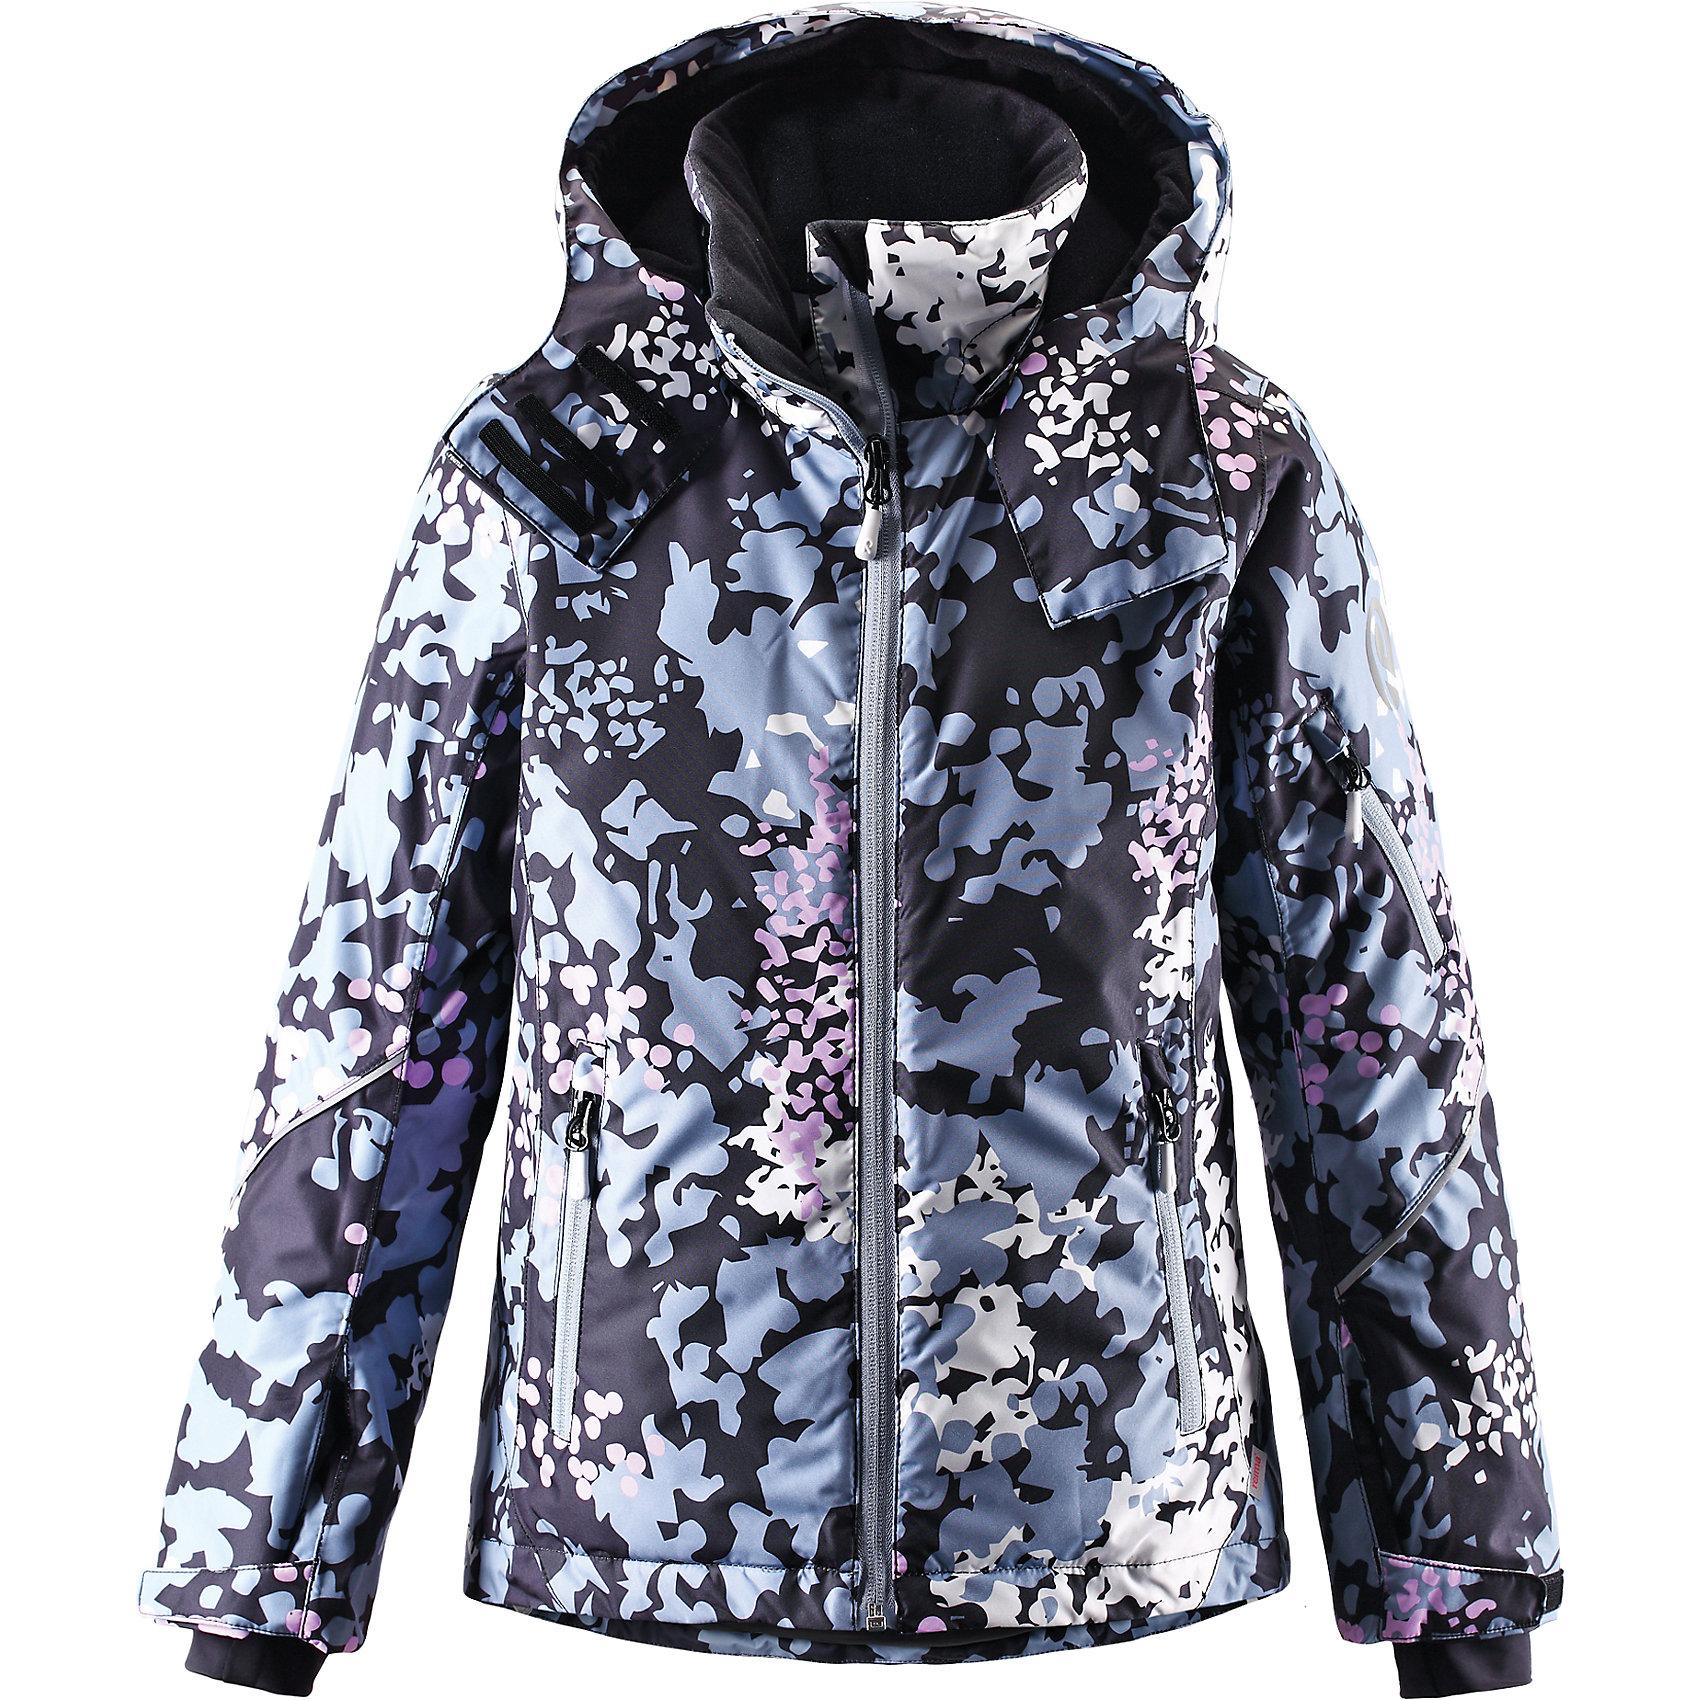 Куртка Glow для девочки ReimaОдежда<br>Куртка для девочки Reima<br>Зимняя куртка для подростков. Основные швы проклеены и не пропускают влагу. Водо- и ветронепроницаемый, «дышащий» и грязеотталкивающий материал. Крой для девочек. Гладкая подкладка из полиэстра. Безопасный, отстегивающийся и регулируемый капюшон. Регулируемые манжеты и внутренние манжеты из лайкры. Регулируемый подол, снегозащитный манжет на талии. Новая усовершенствованная молния — больше не застревает! Карманы на молнии, карман для skipass на рукаве. Карман для очков и внутренний нагрудный карман. Принт по всей поверхности.<br>Утеплитель: Reima® Flex insulation,140 g<br>Уход:<br>Стирать по отдельности, вывернув наизнанку. Застегнуть молнии и липучки. Стирать моющим средством, не содержащим отбеливающие вещества. Полоскать без специального средства. Во избежание изменения цвета изделие необходимо вынуть из стиральной машинки незамедлительно после окончания программы стирки. Сушить при низкой температуре.<br>Состав:<br>100% Полиамид, полиуретановое покрытие<br><br>Ширина мм: 356<br>Глубина мм: 10<br>Высота мм: 245<br>Вес г: 519<br>Цвет: голубой<br>Возраст от месяцев: 36<br>Возраст до месяцев: 48<br>Пол: Женский<br>Возраст: Детский<br>Размер: 104,164,140,110,116,122,128,134,146,152,158<br>SKU: 4778633